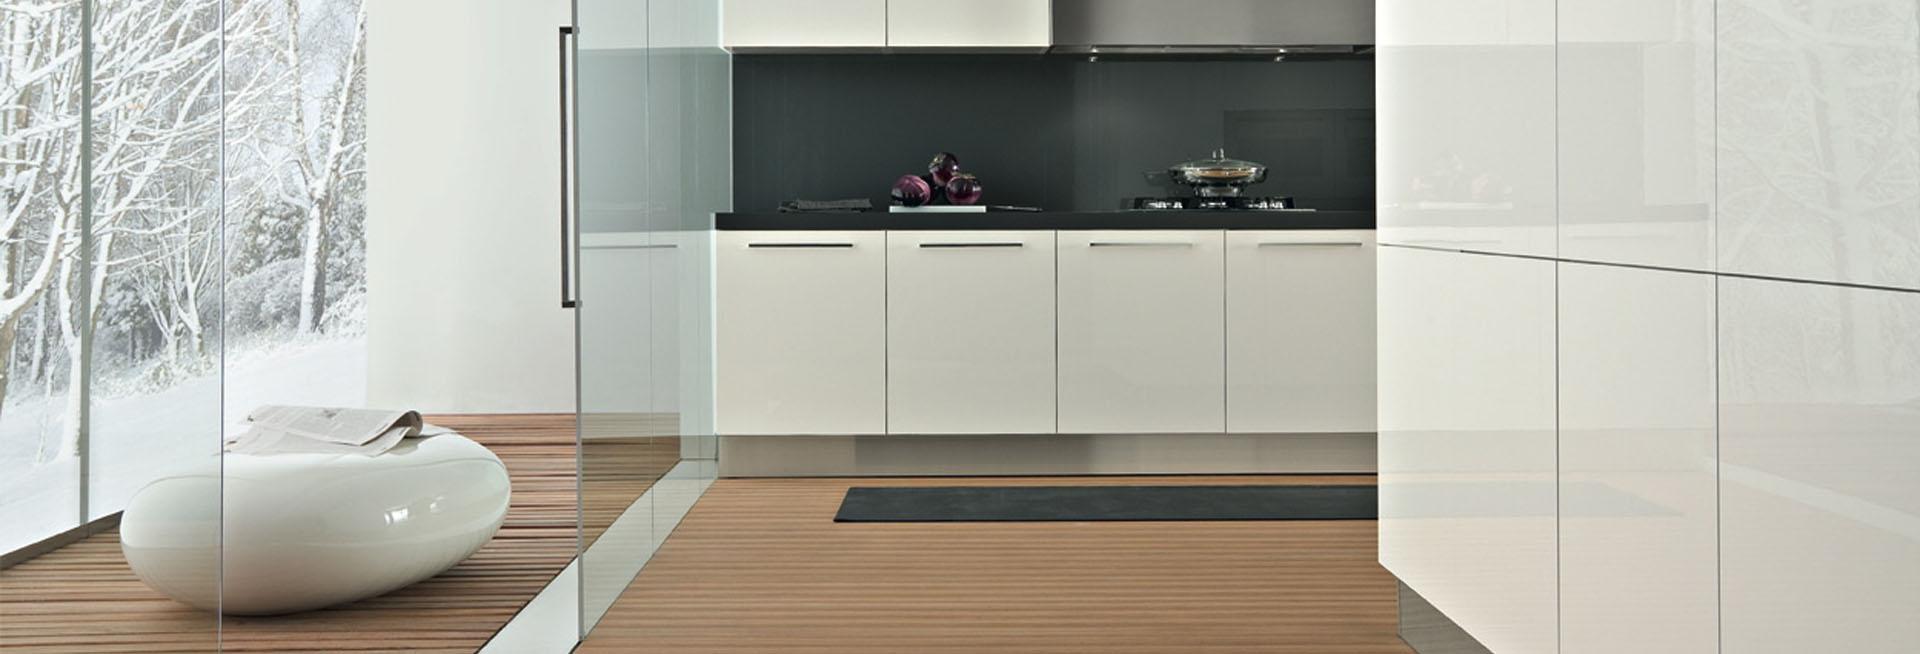 Silver - Cucine Moderne - Forma 2000